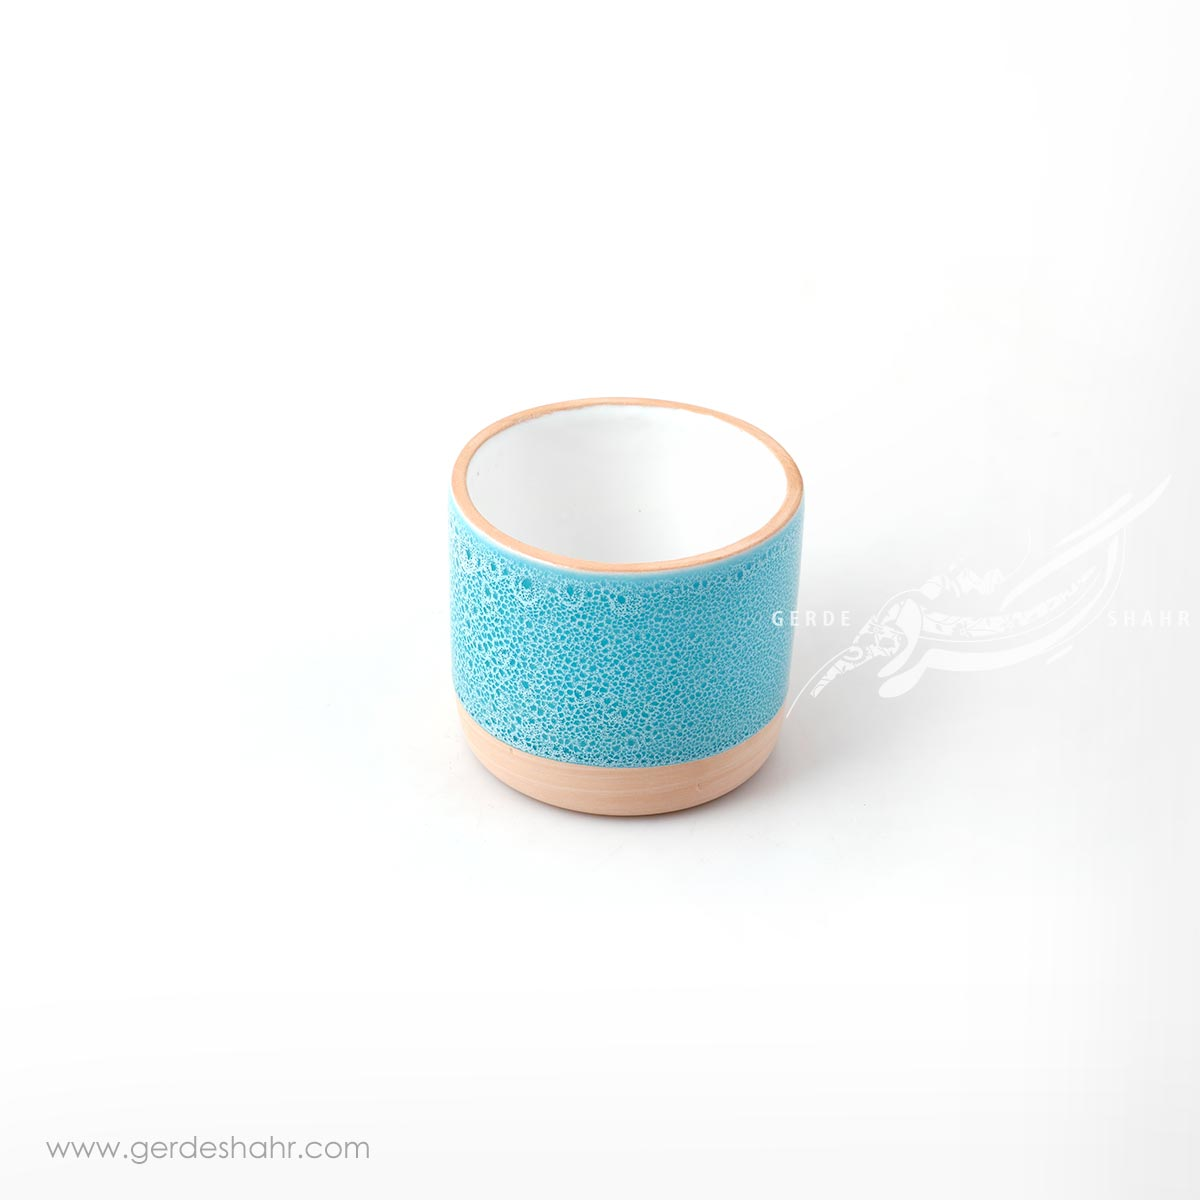 لیوان آبی جزیره زین دست محصولات